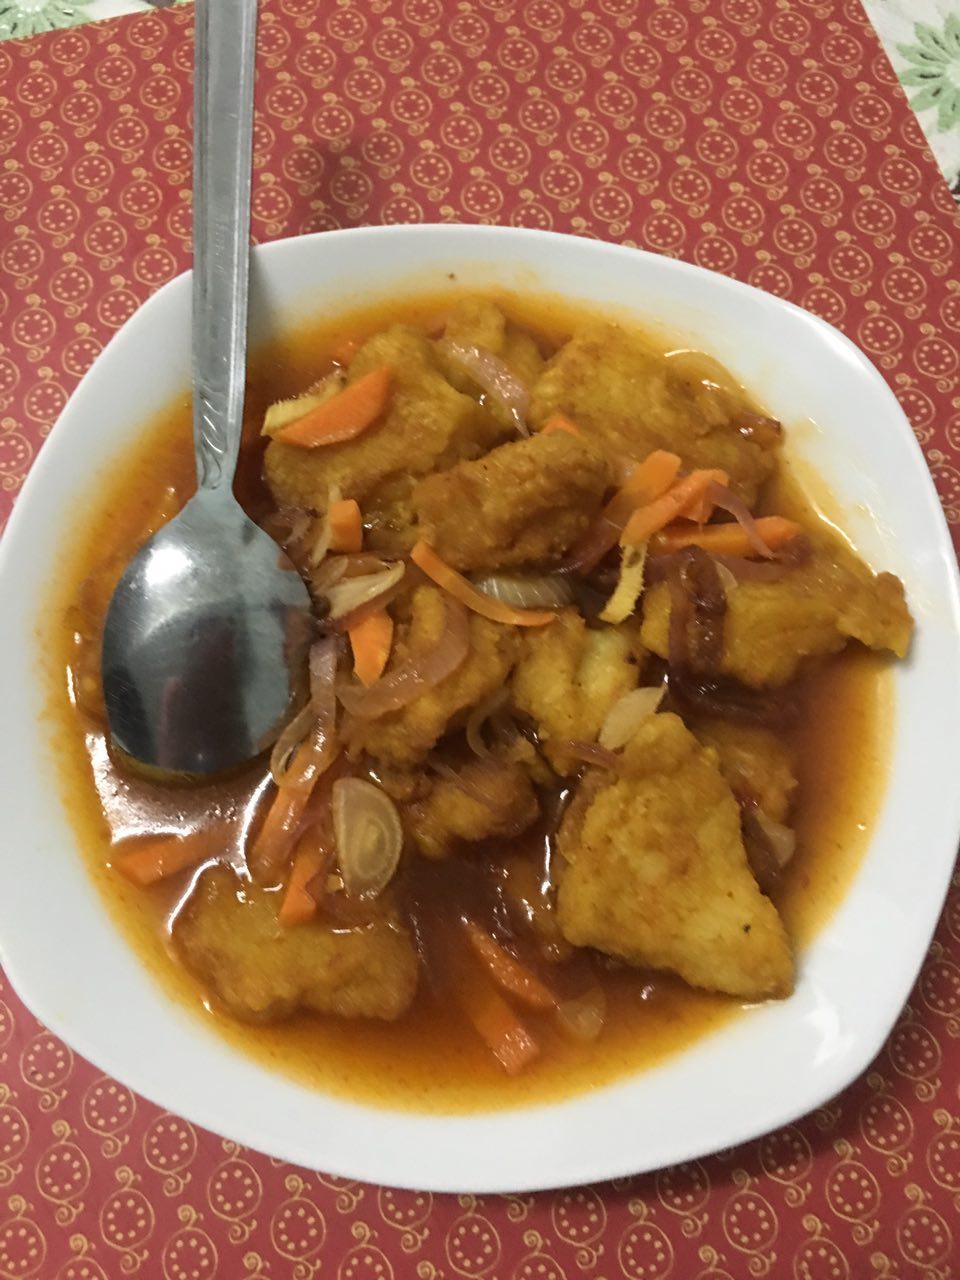 ikan dory masak sos, resepi menggunakan ikan dory, cara masak ikan dory